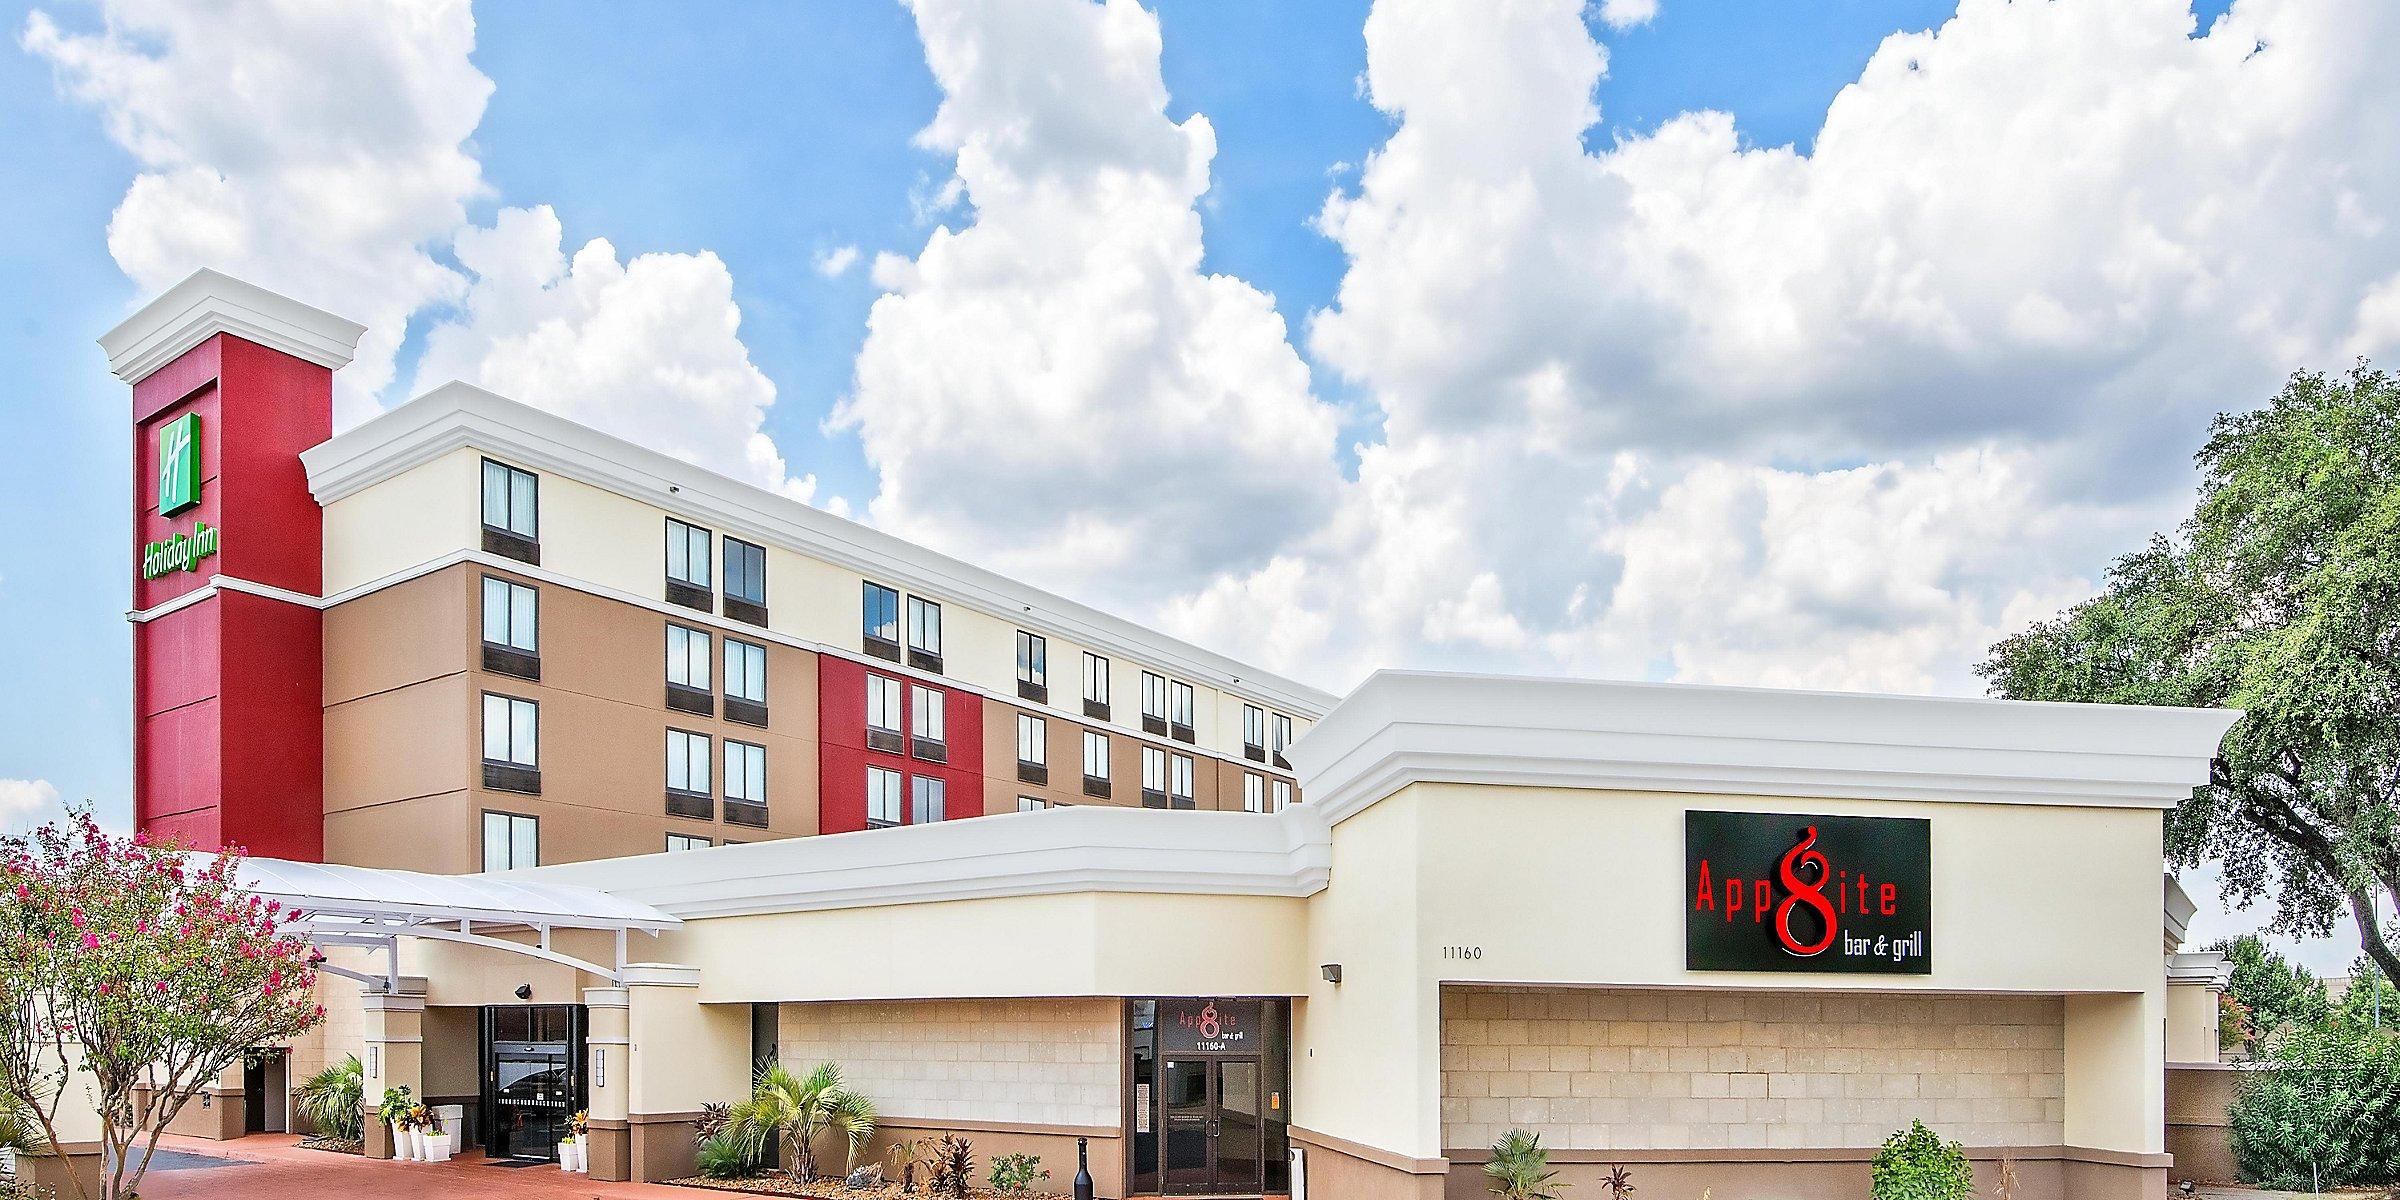 Holiday Inn Houston SW - Sugar Land Area Hotel by IHG